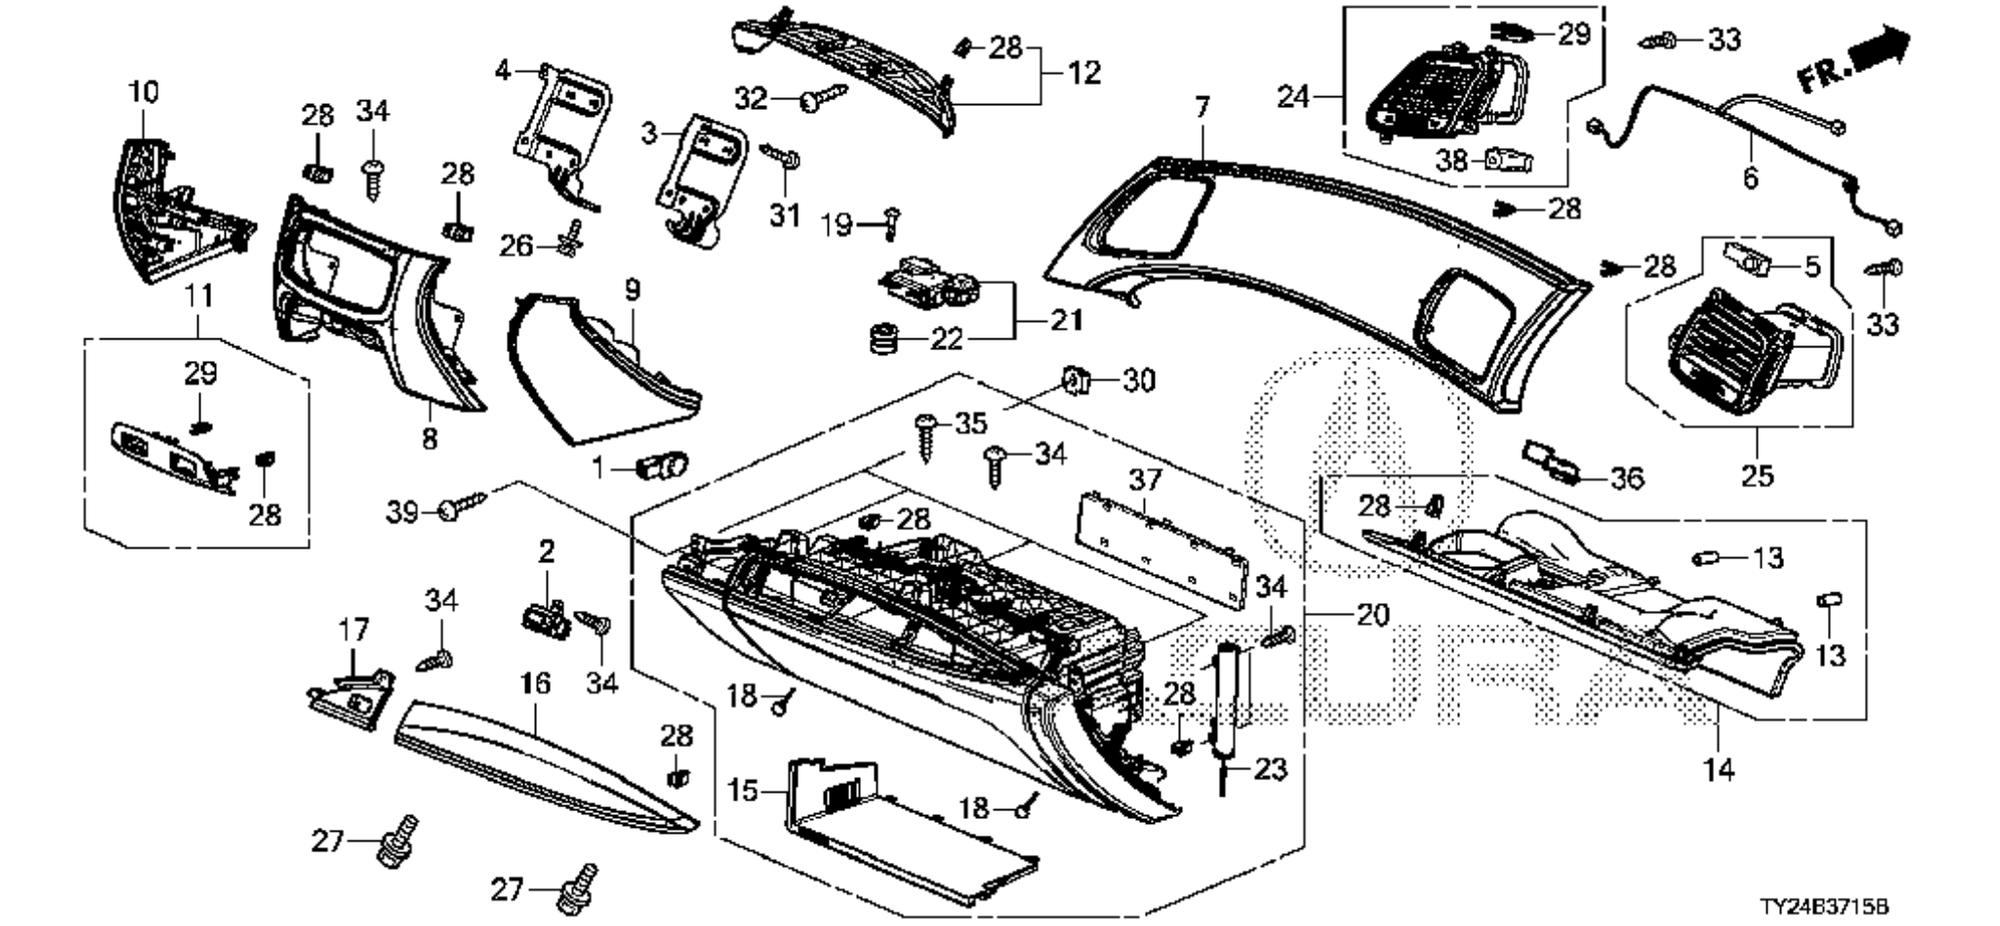 Acura Legend Motor Mount Diagram